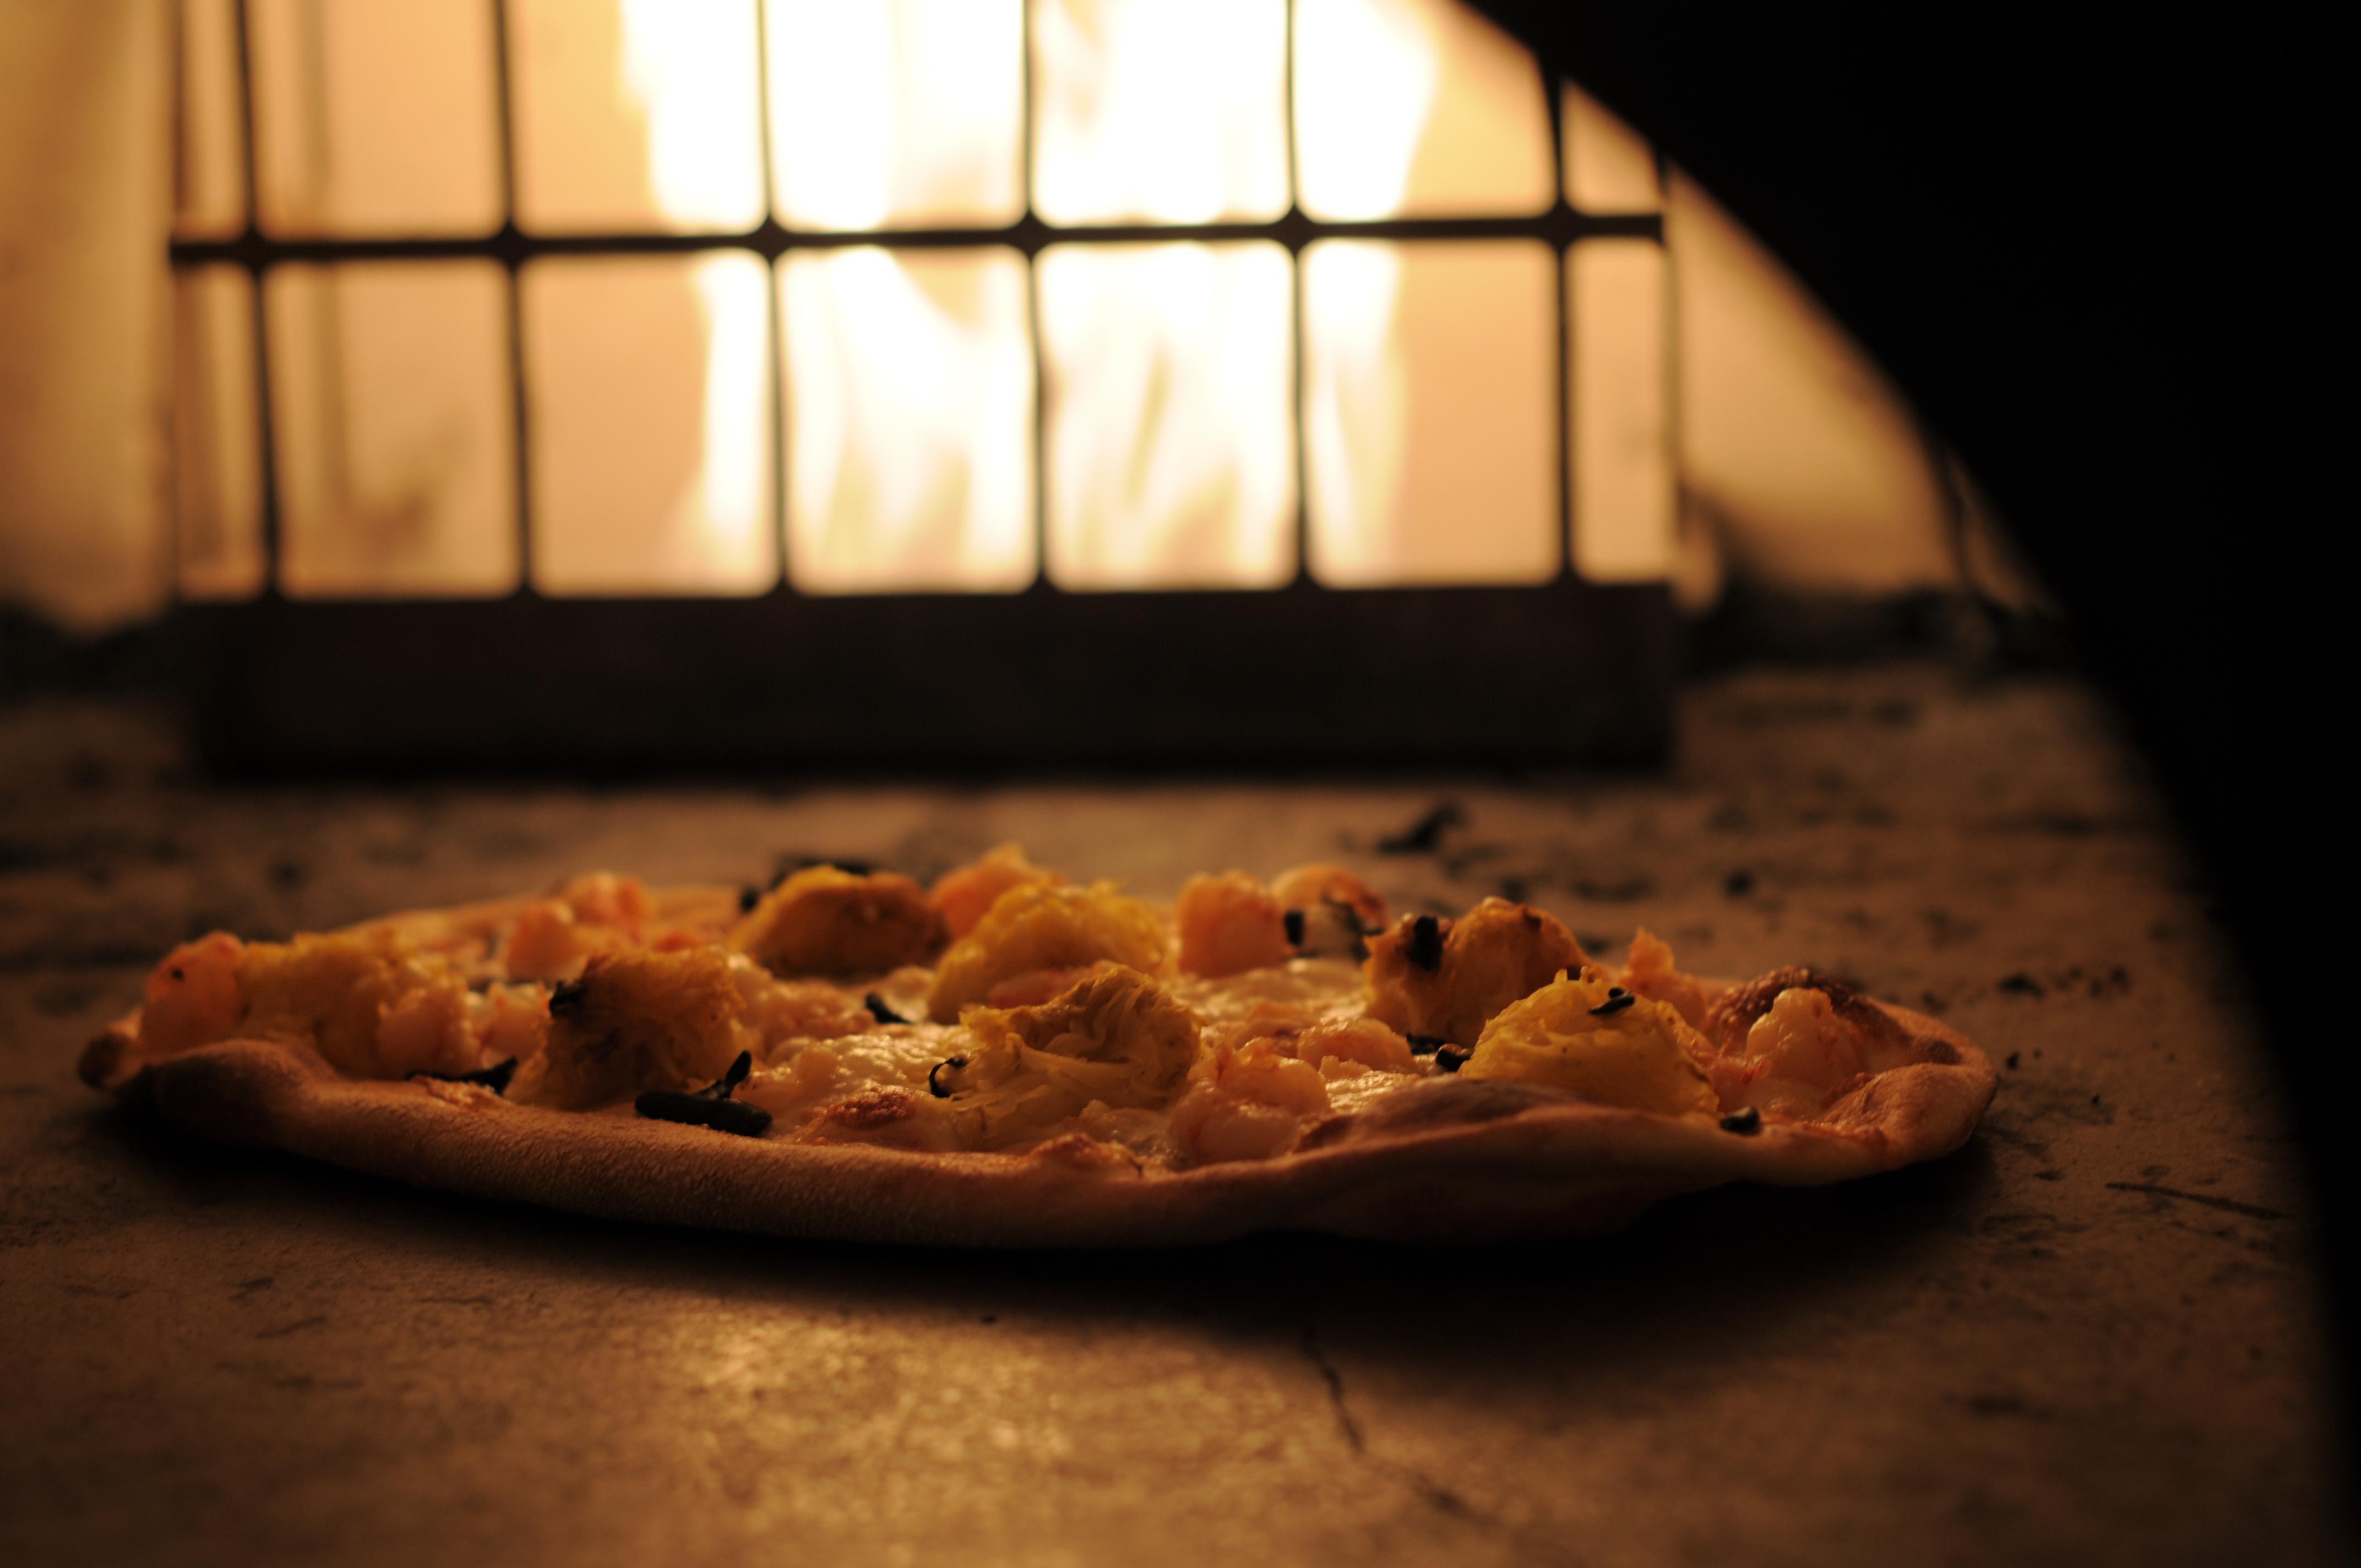 Firebread at The Pomegranate Bistro